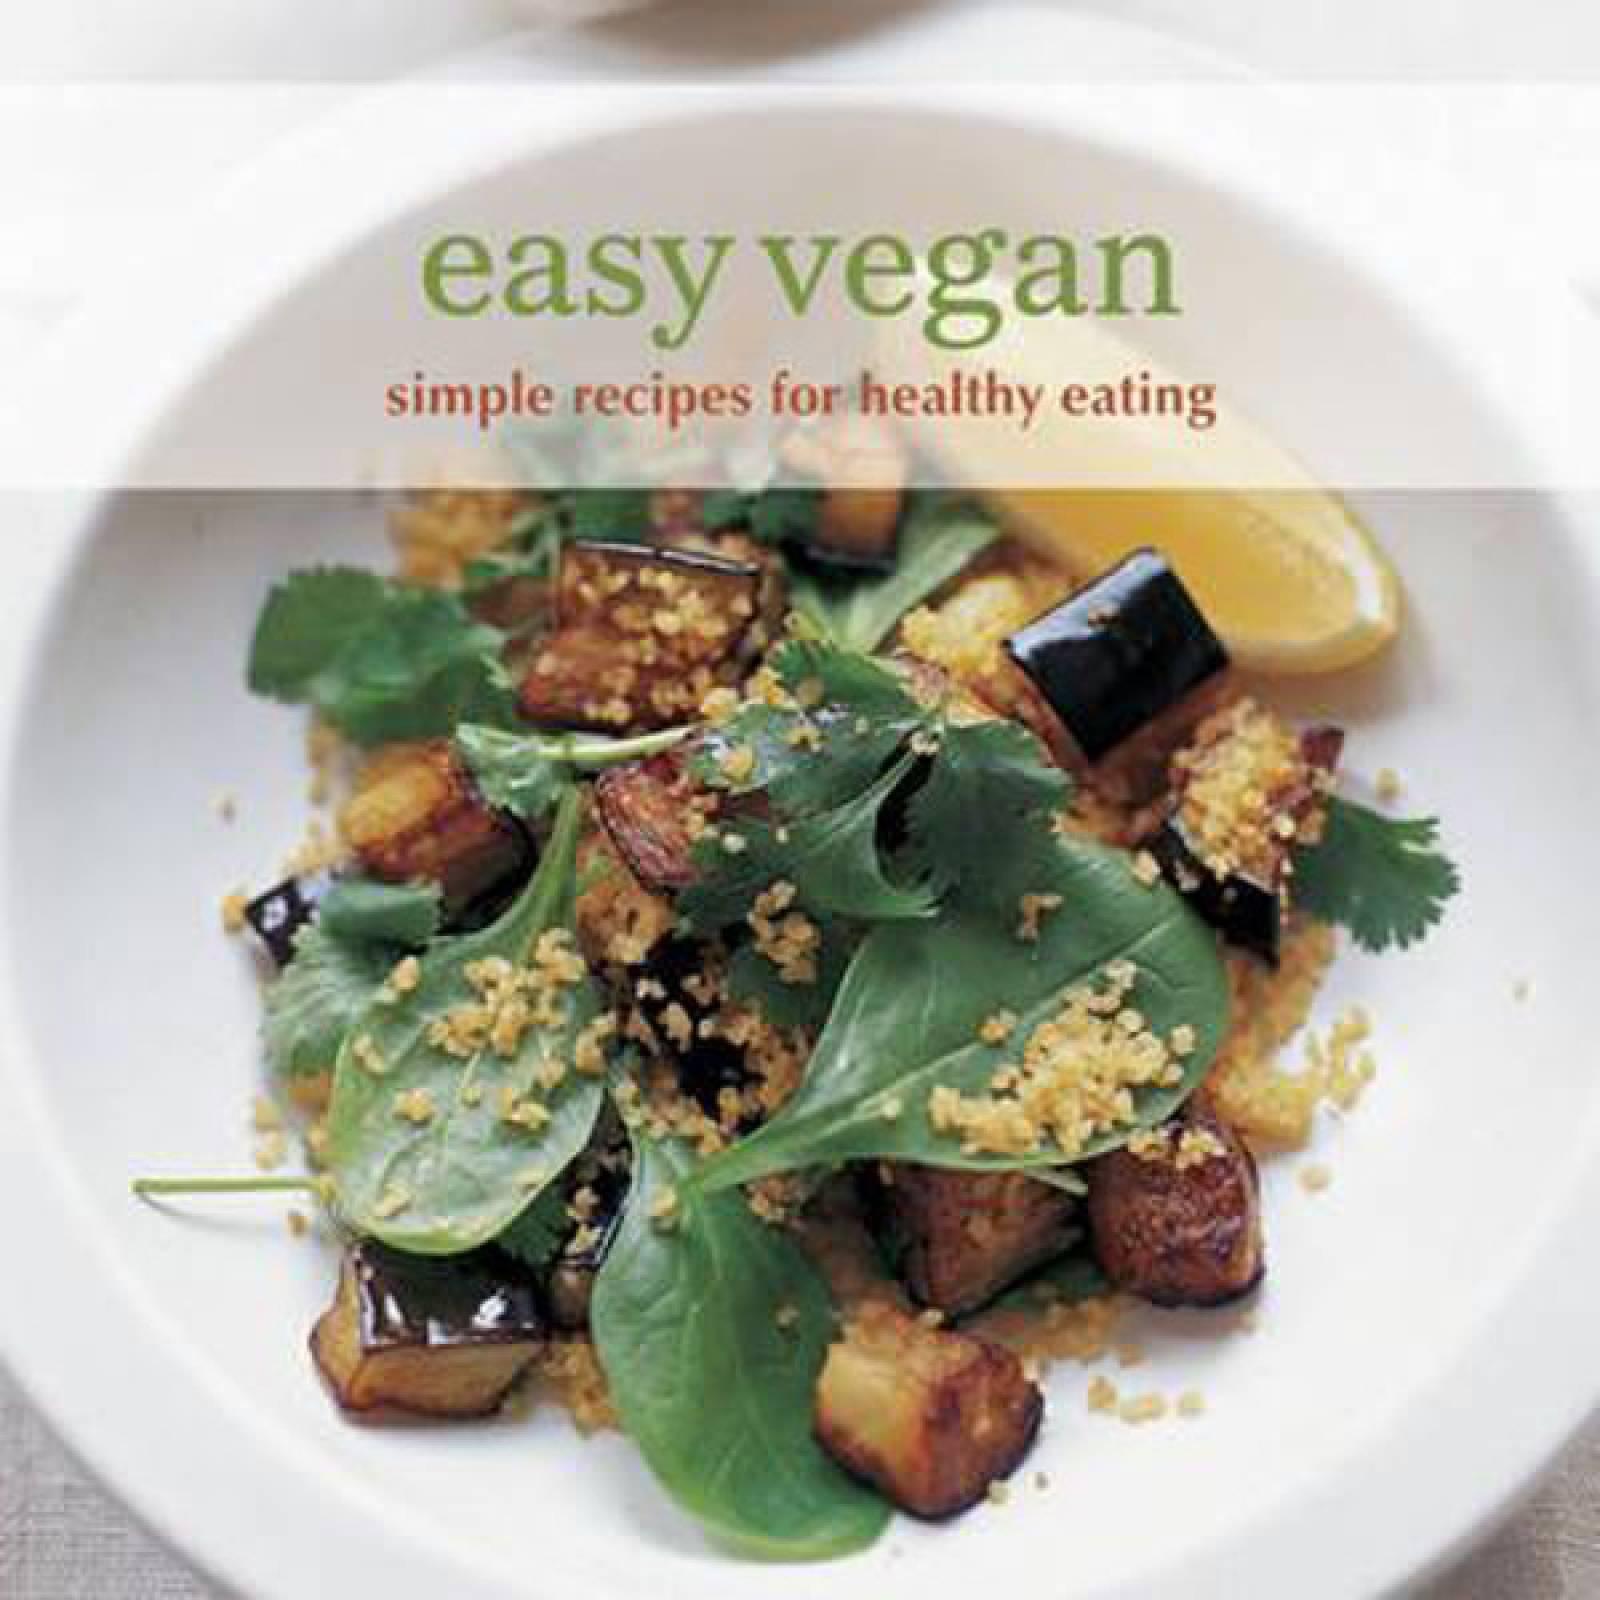 Easy Vegan Paperback Book